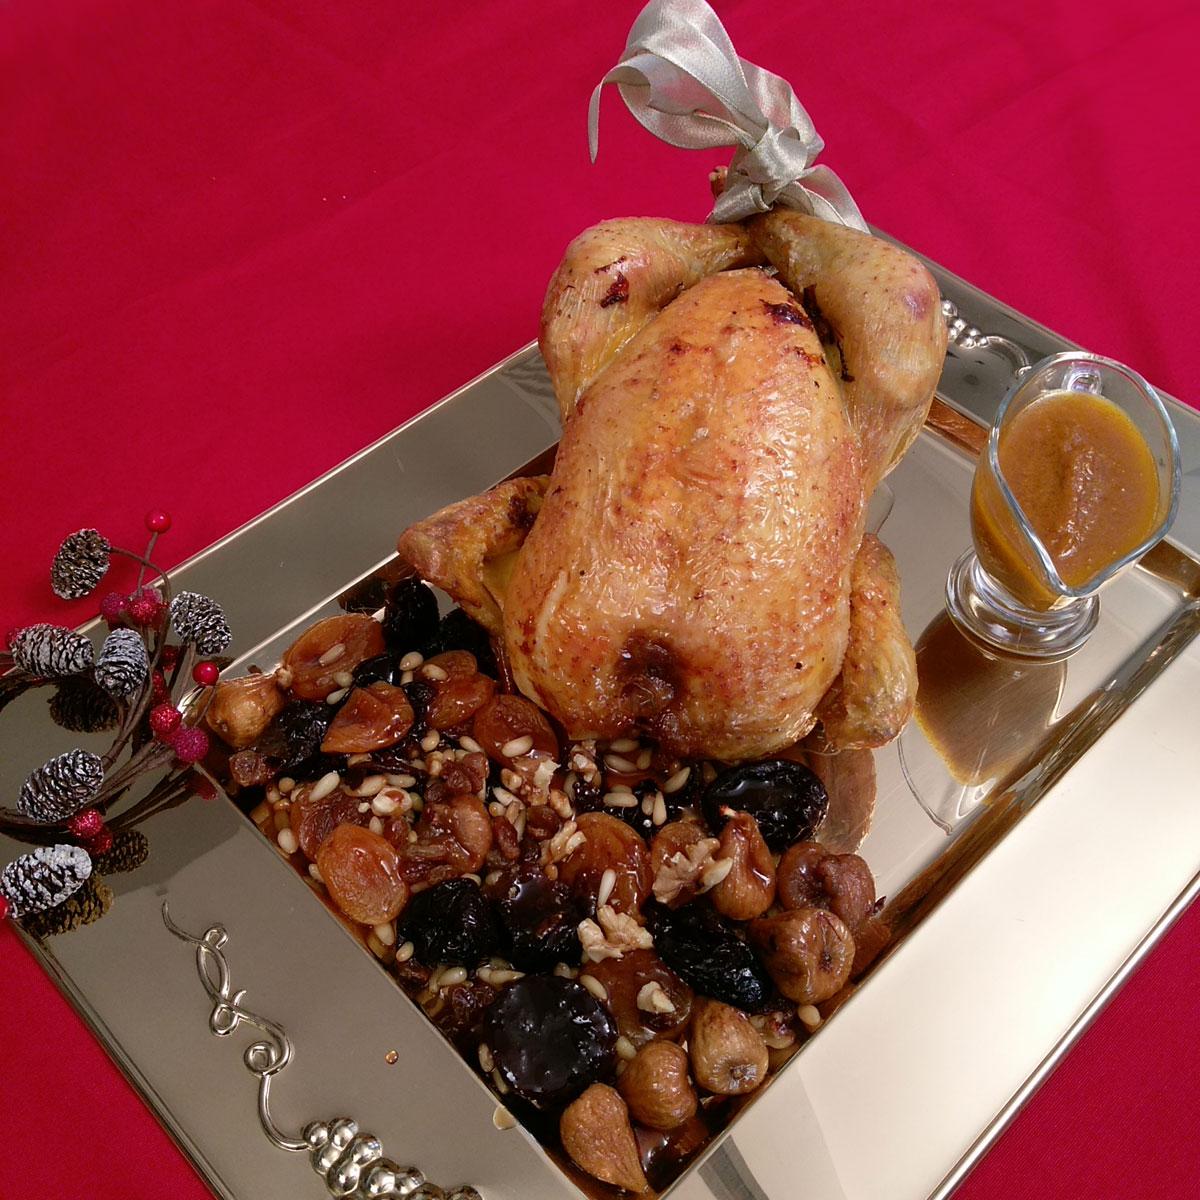 Prepara la cena de thanks giving cursos de cocina de telva - Escuela cocina barcelona ...